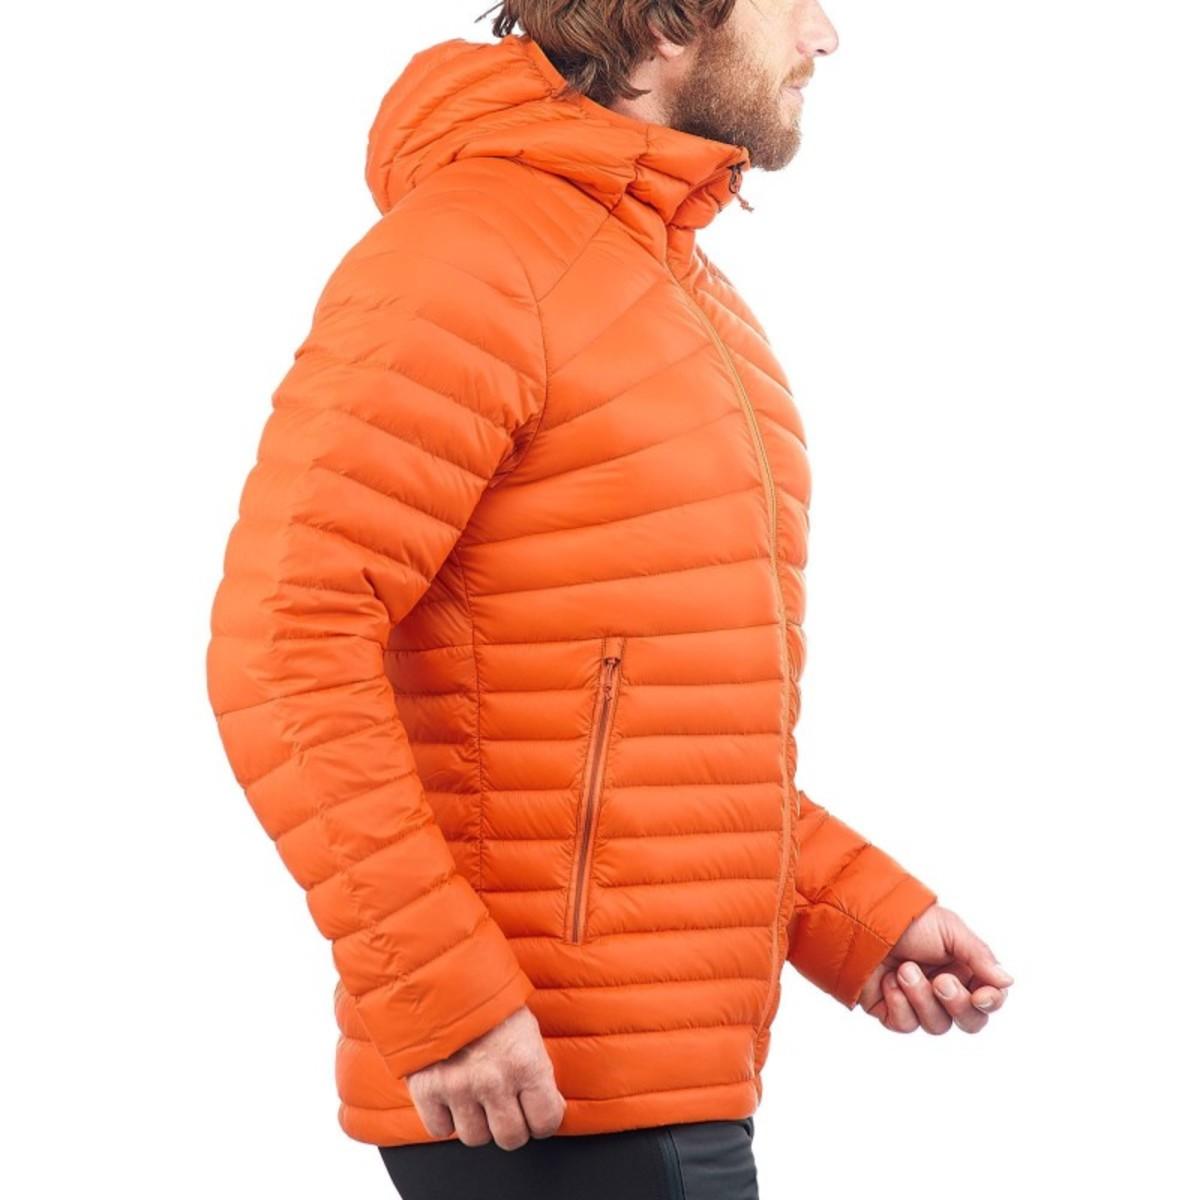 Bild 4 von QUECHUA Daunenjacke Full Down Herren orange, Größe: M